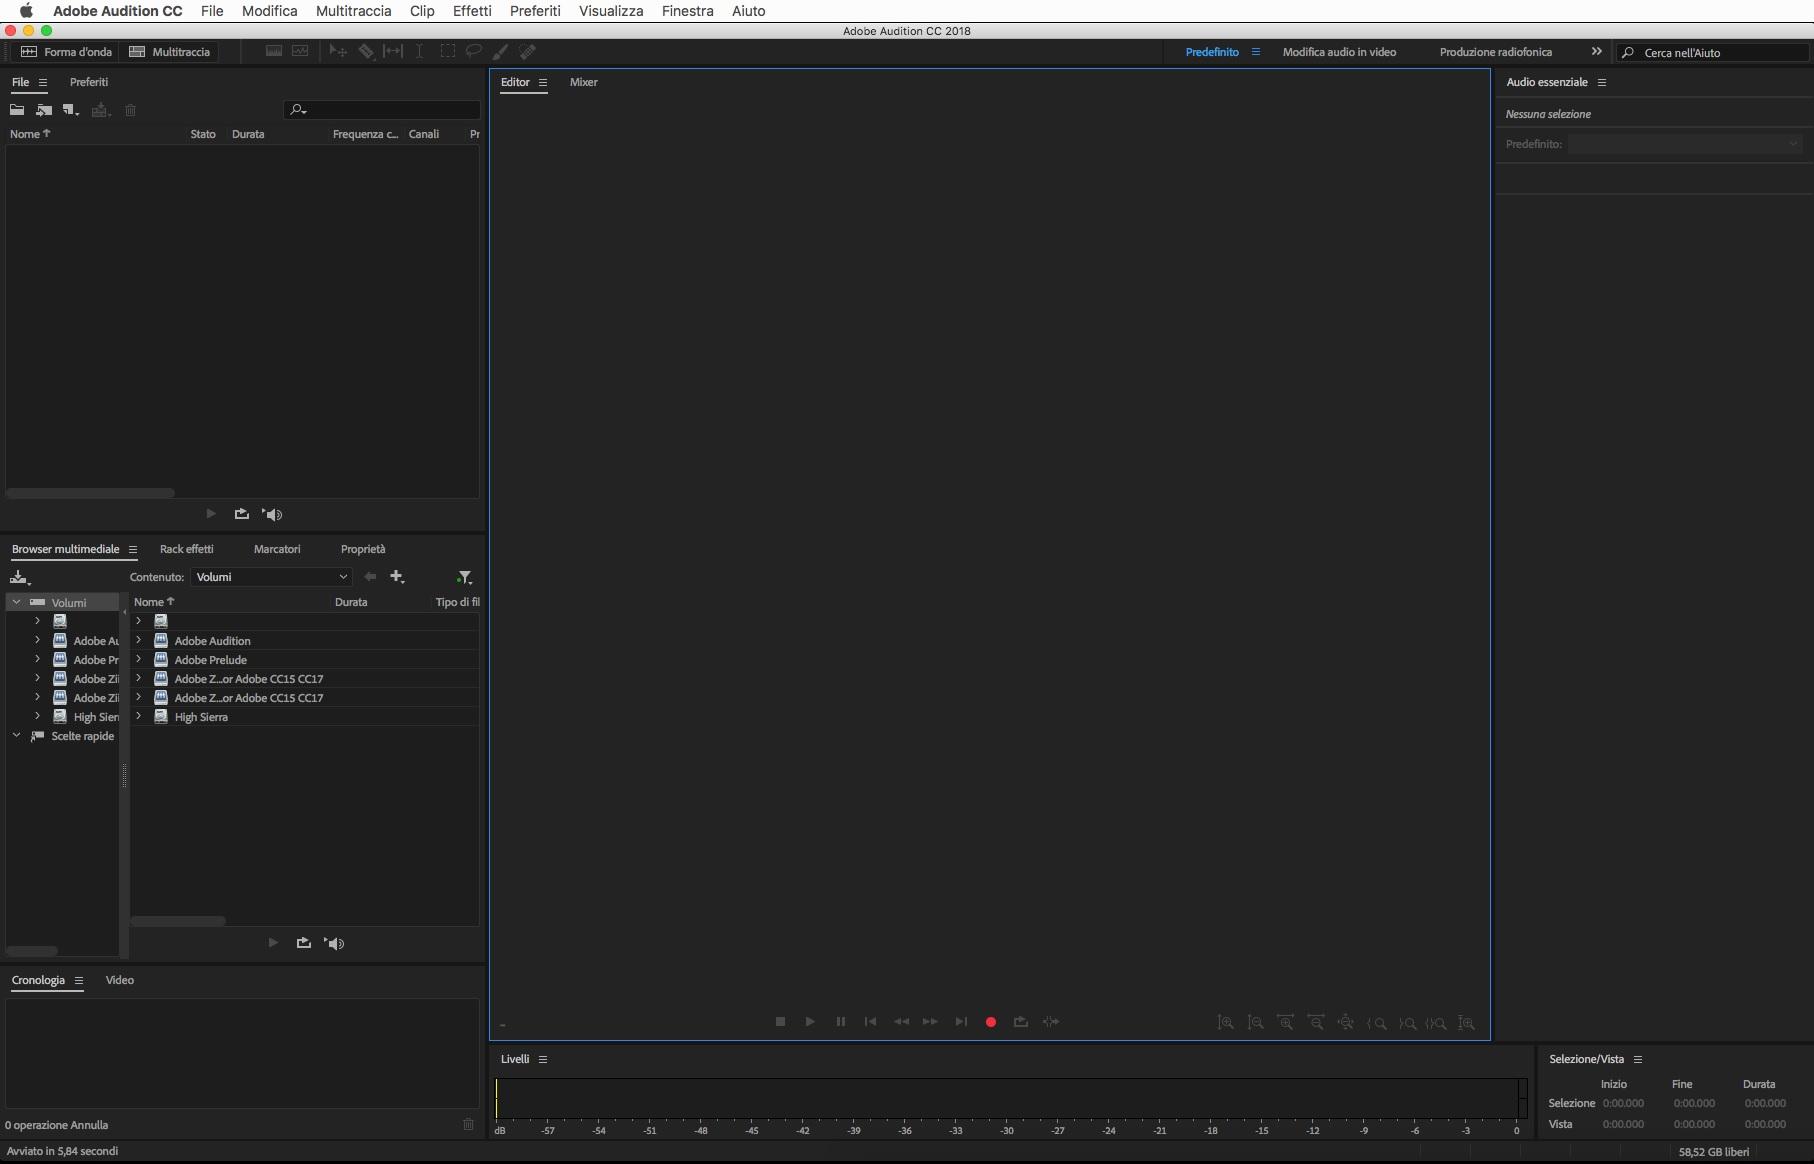 [MAC] Adobe Audition 2020 v13.0.0.519 macOS - ITA